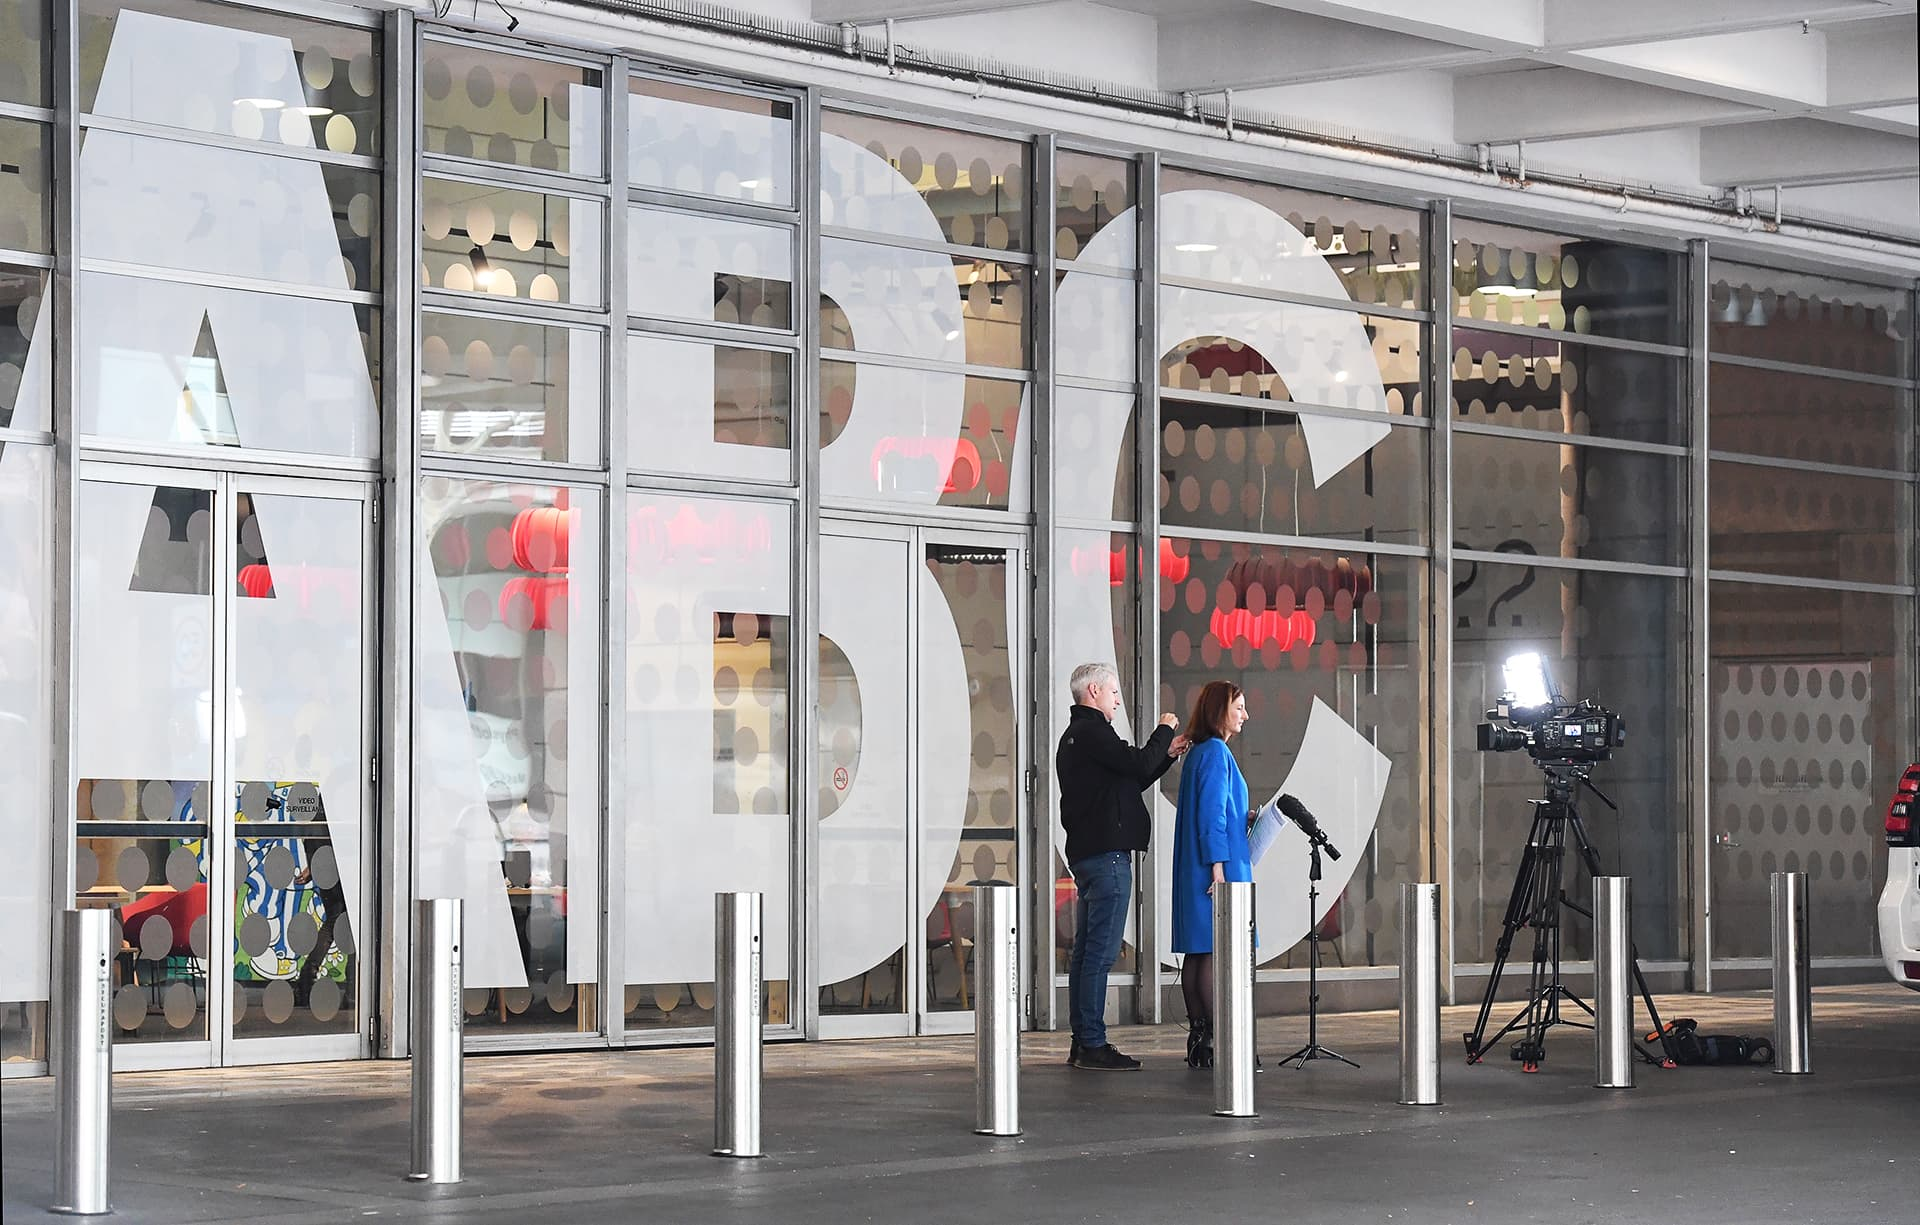 Australian yleisradioyhtiö ABC:n sisäänkäynti Sydneyssä.